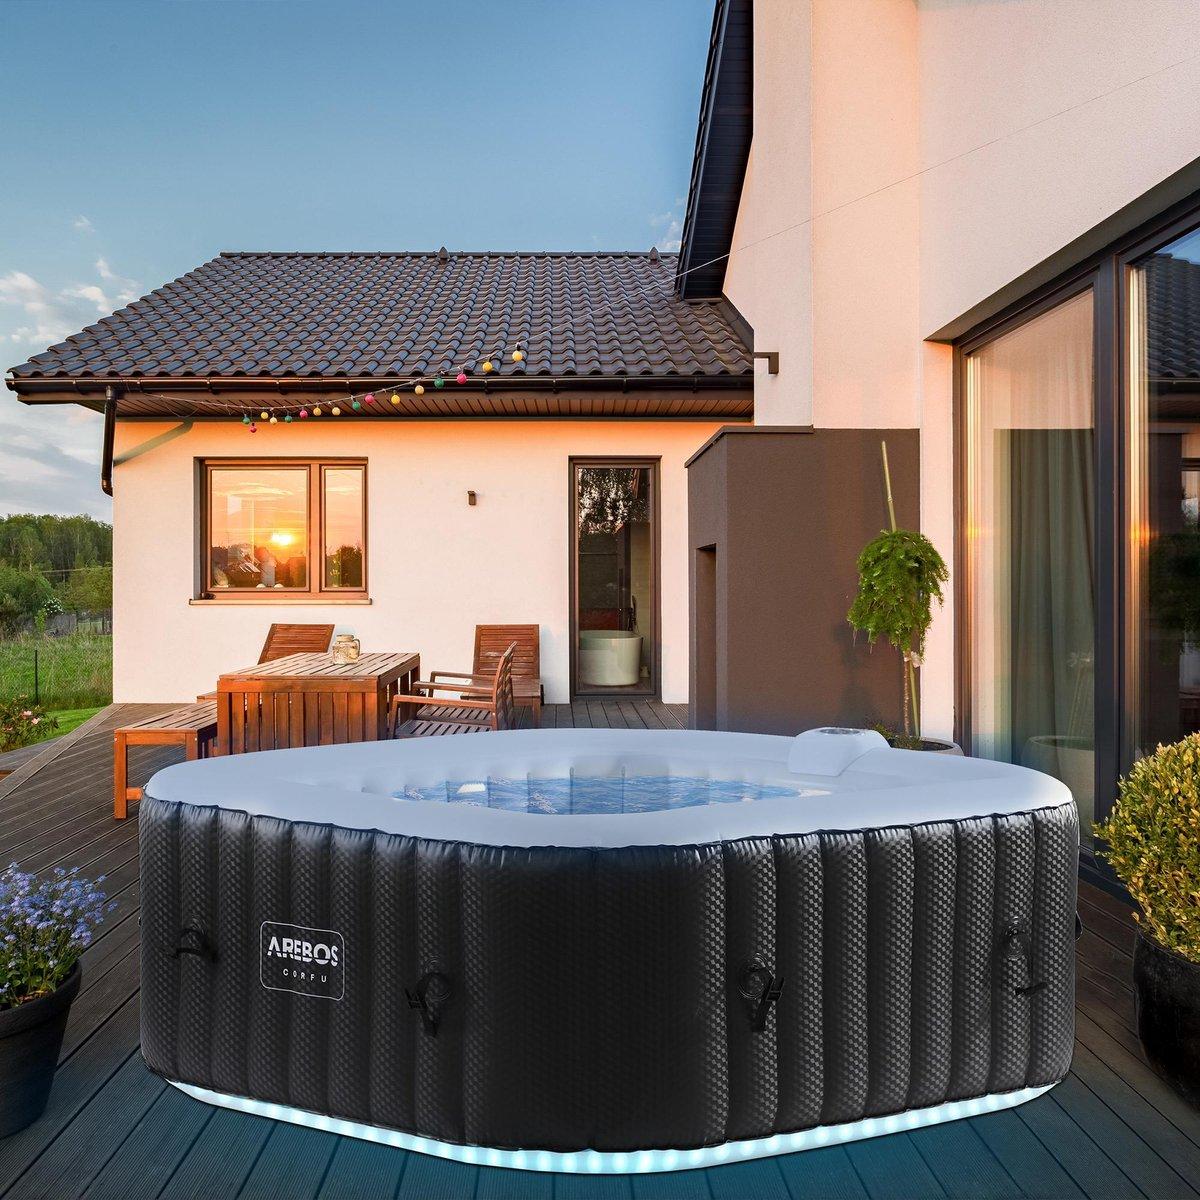 AREBOS in-outdoor whirlpool spa zwembad massage opblaasbaar vierkant met LED